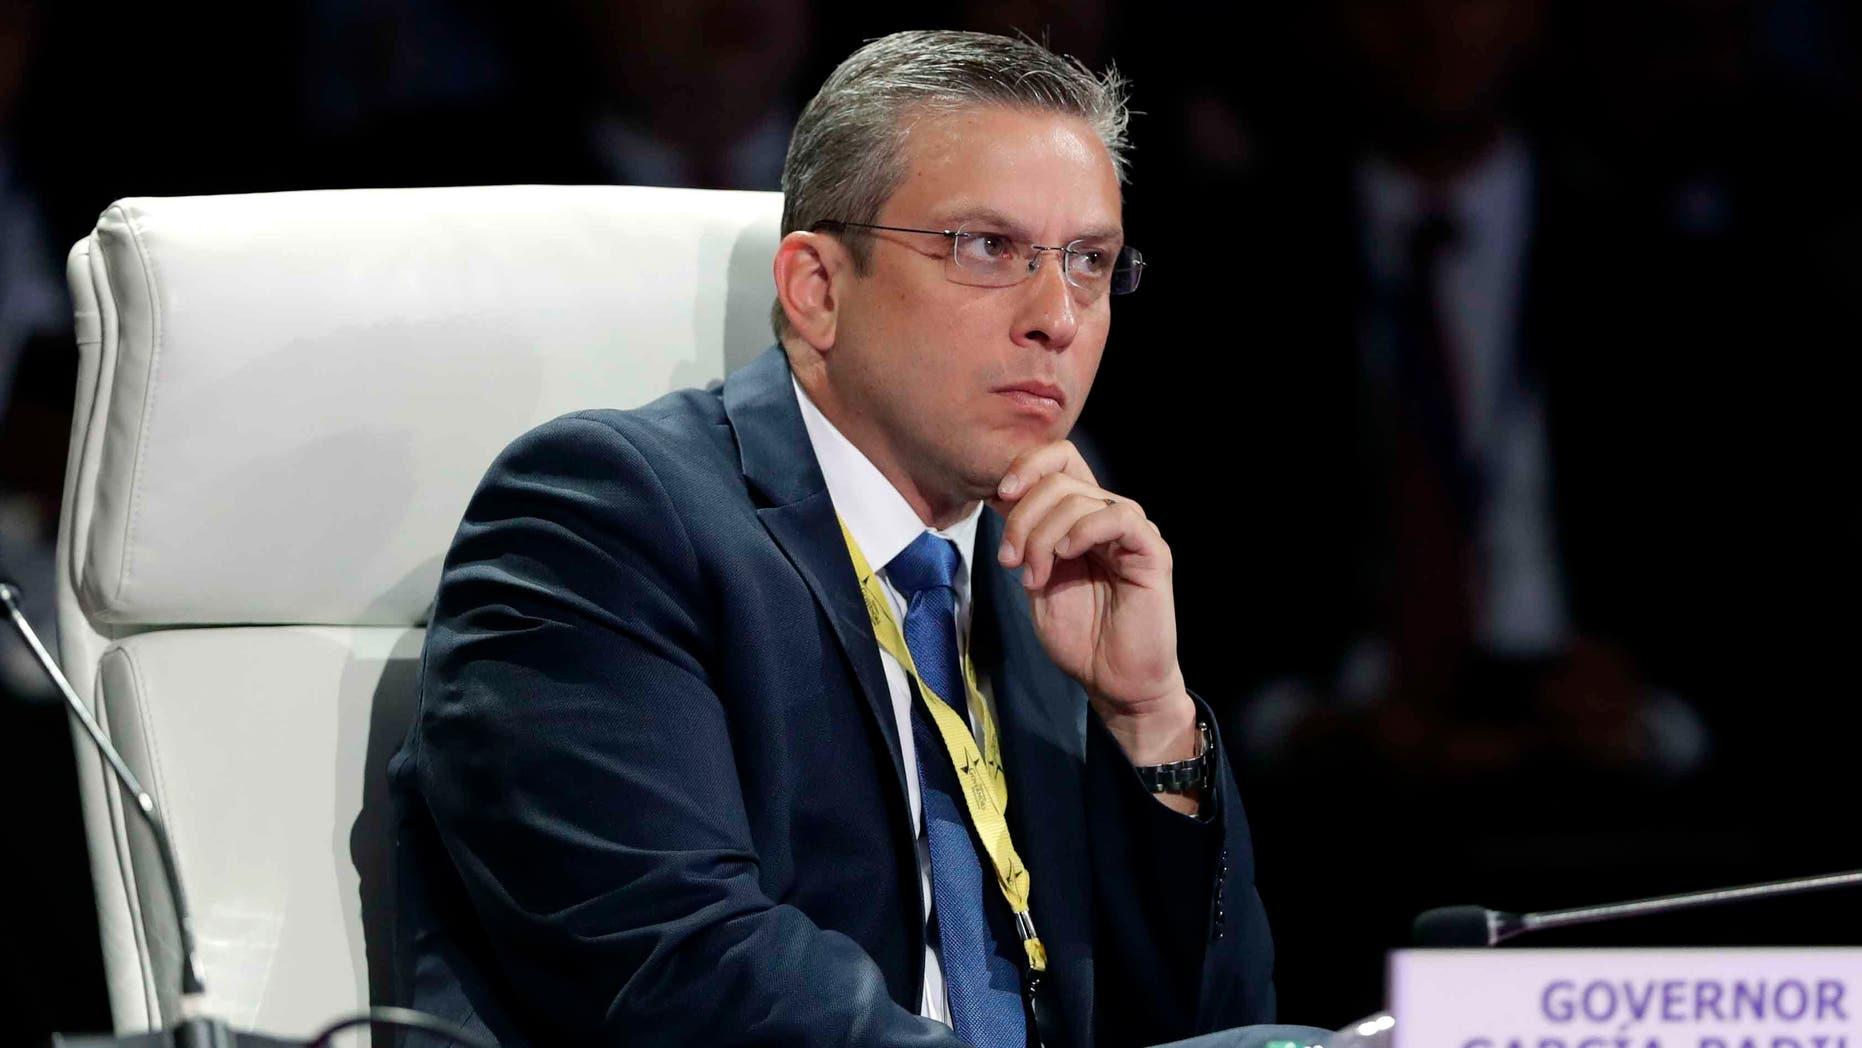 Puerto Rico Gov. Alejandro Garcia Padilla in a July 15, 2016 file photo.